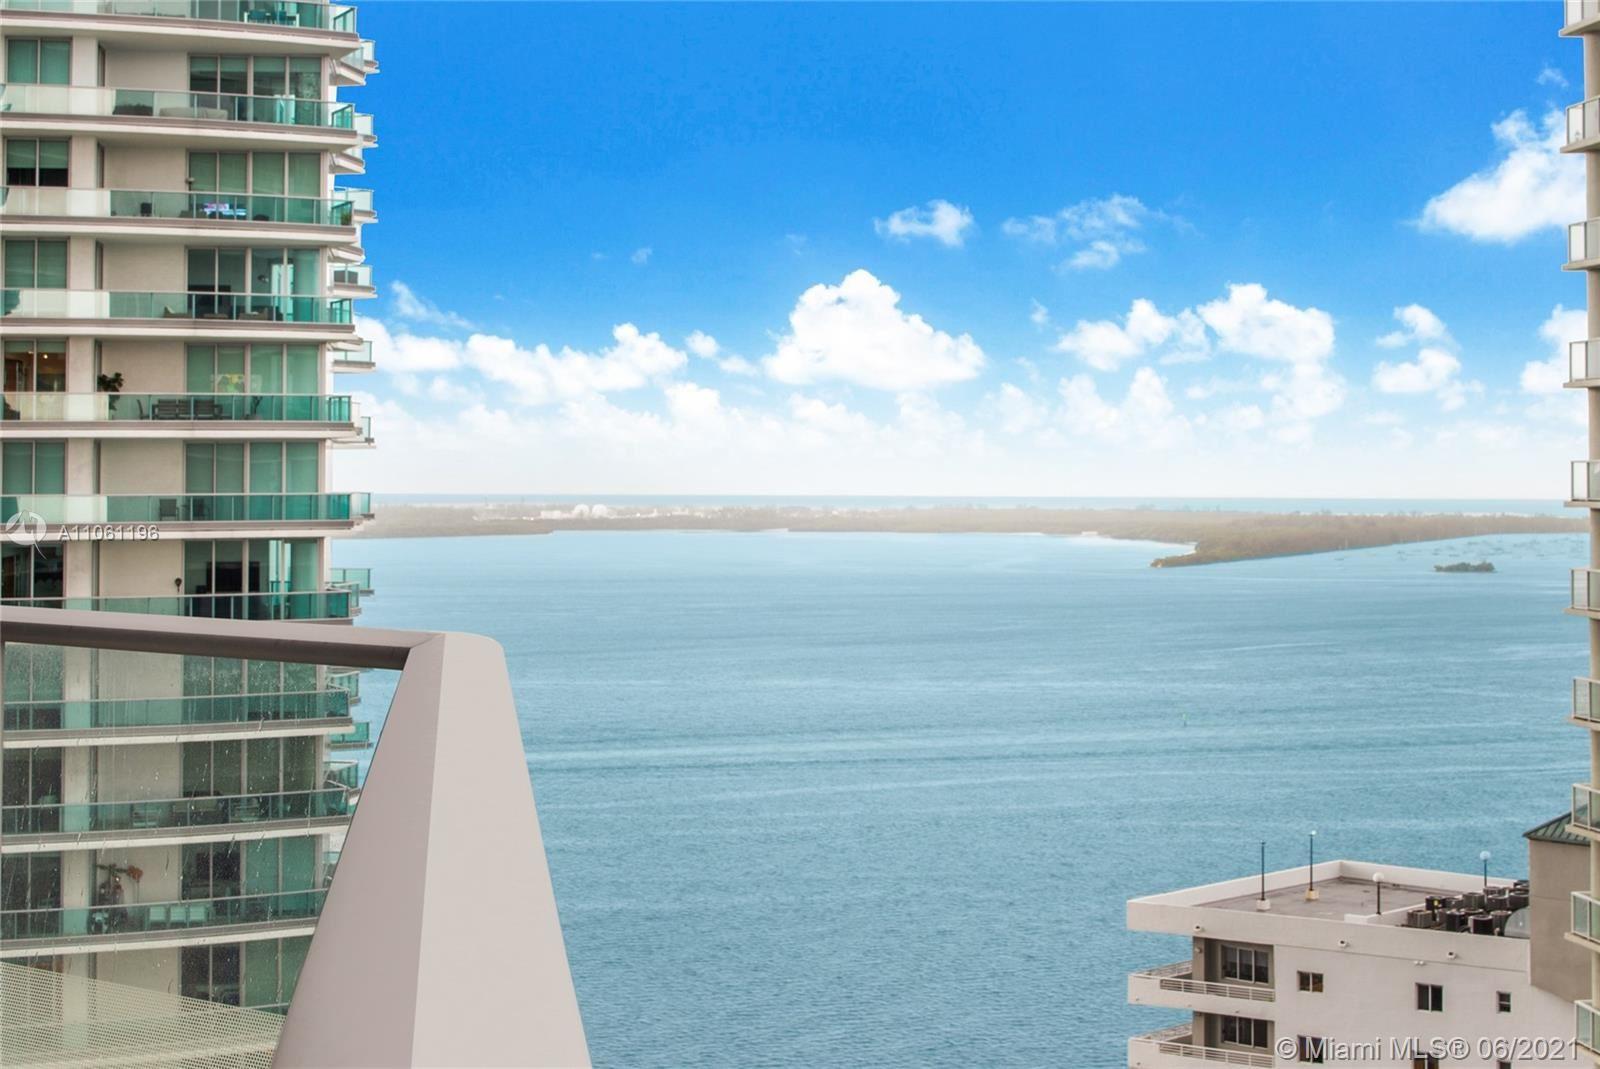 1300 Brickell Bay Dr #2203, Miami, FL 33131 - #: A11061196